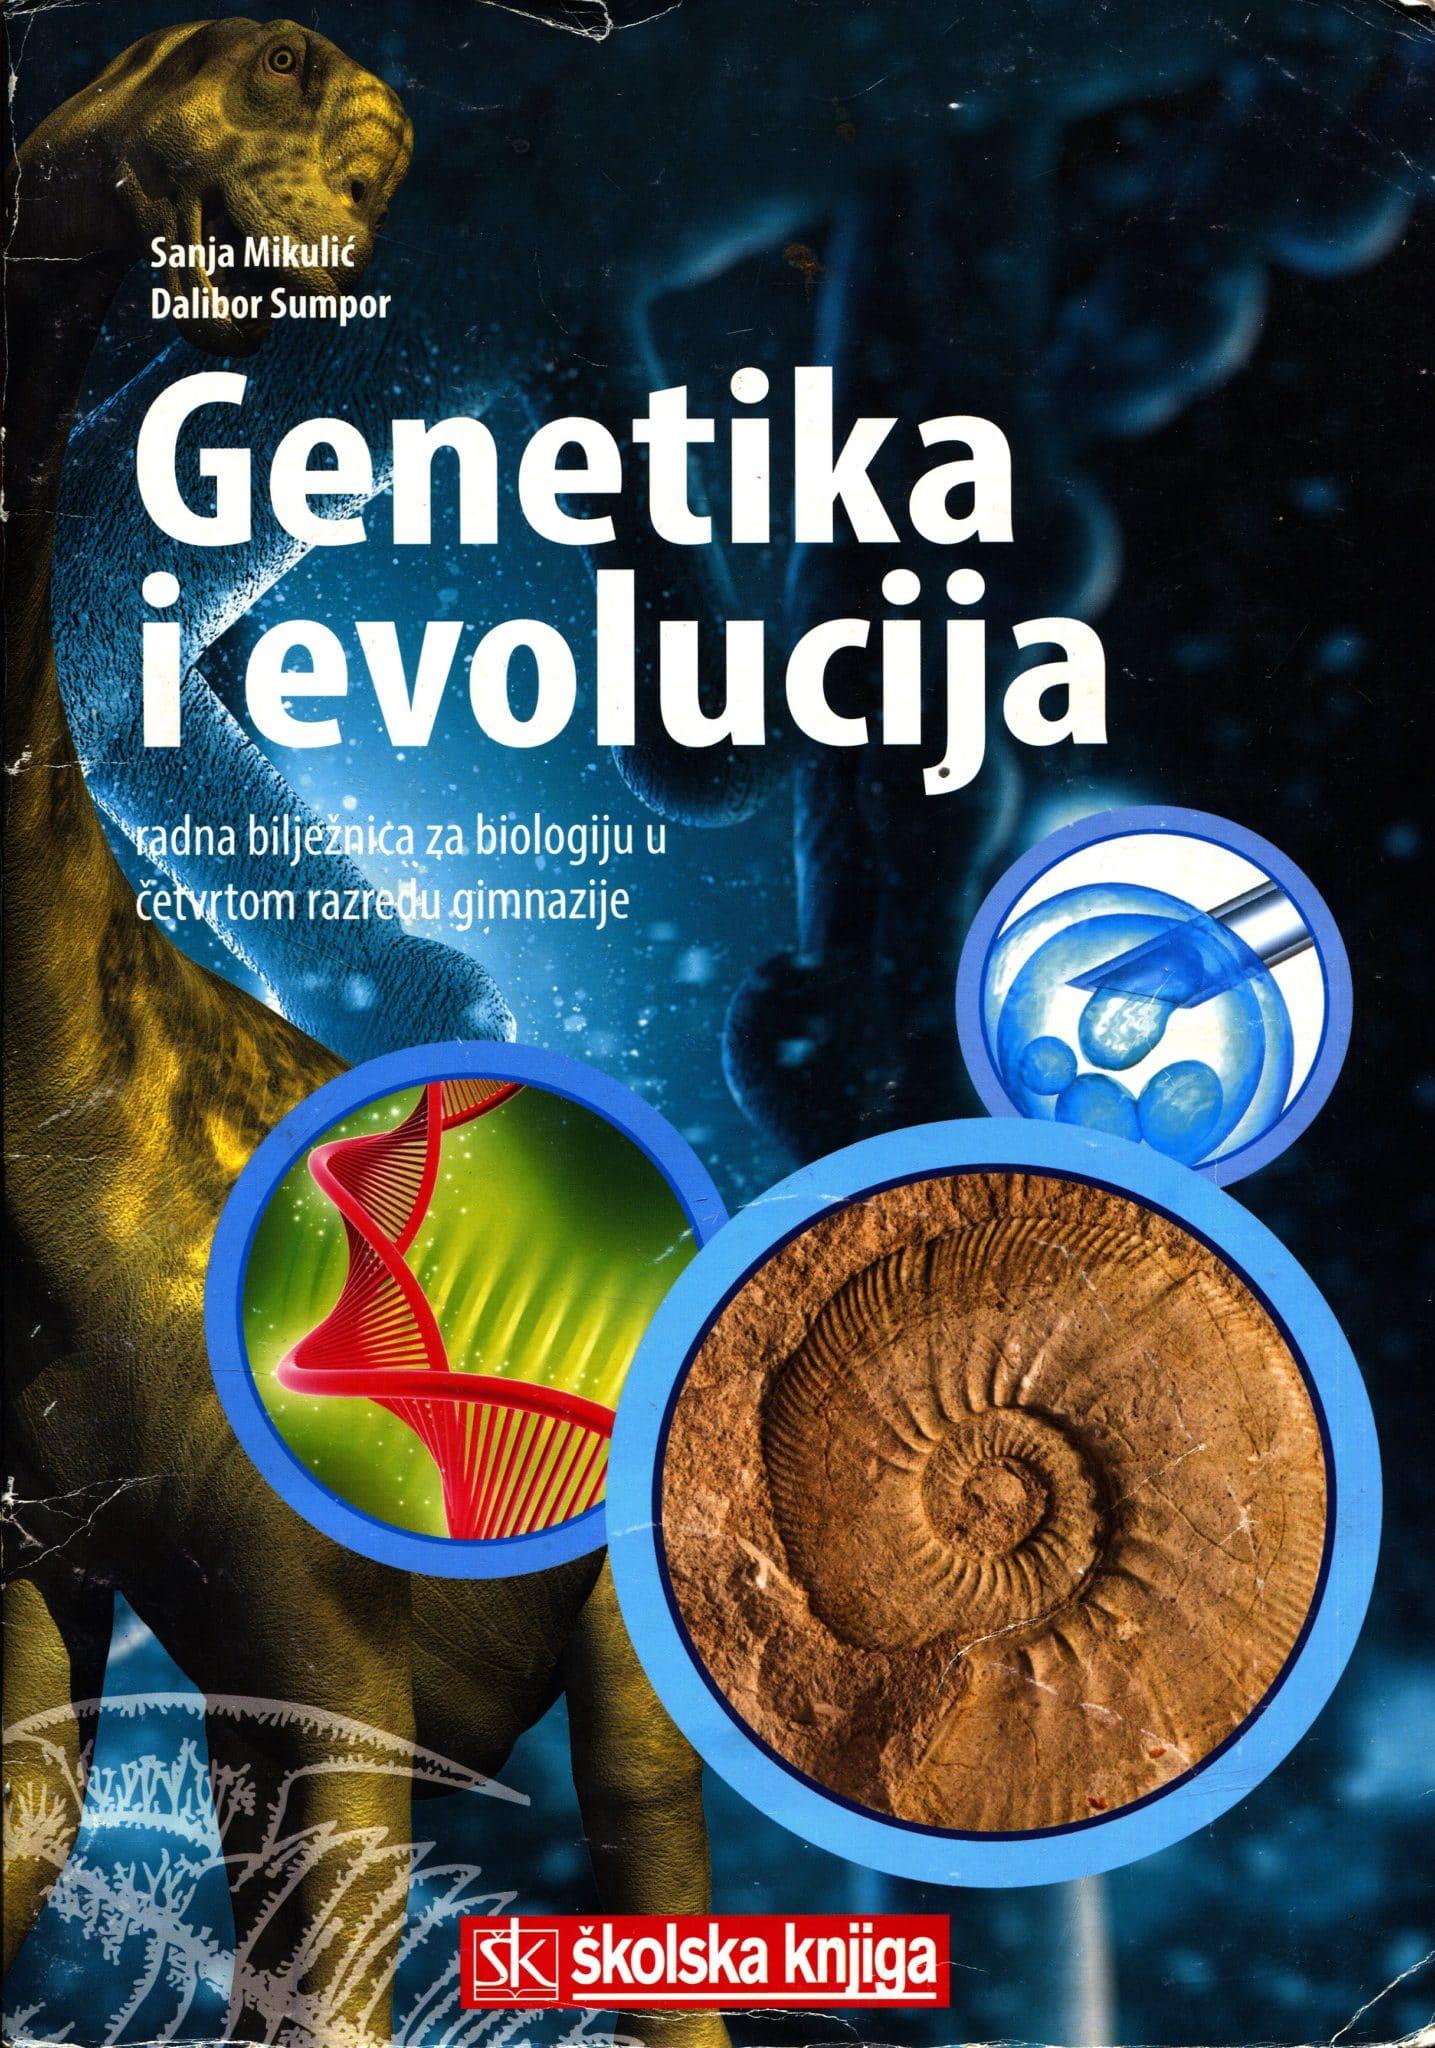 genetika i evolucija : radna bilježnica za biologiju u četvrtom razredu gimnazije autora Sanja Mikulić, Dalibor Sumpor